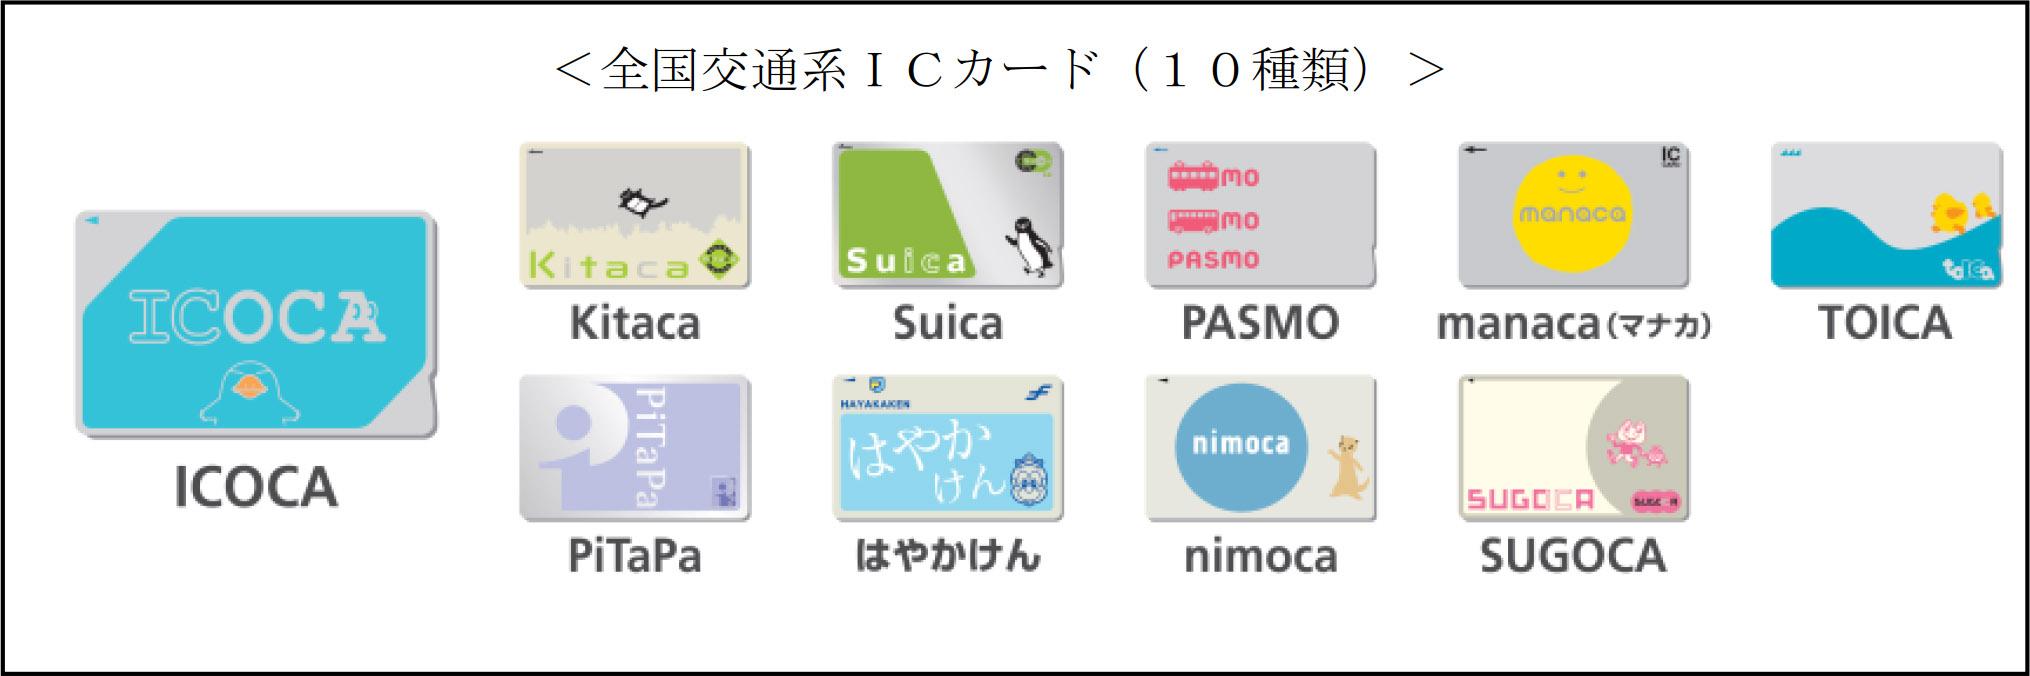 富山地鉄の市内電車でICOCAなど全国交通系ICカードが利用可能に。10月10日から